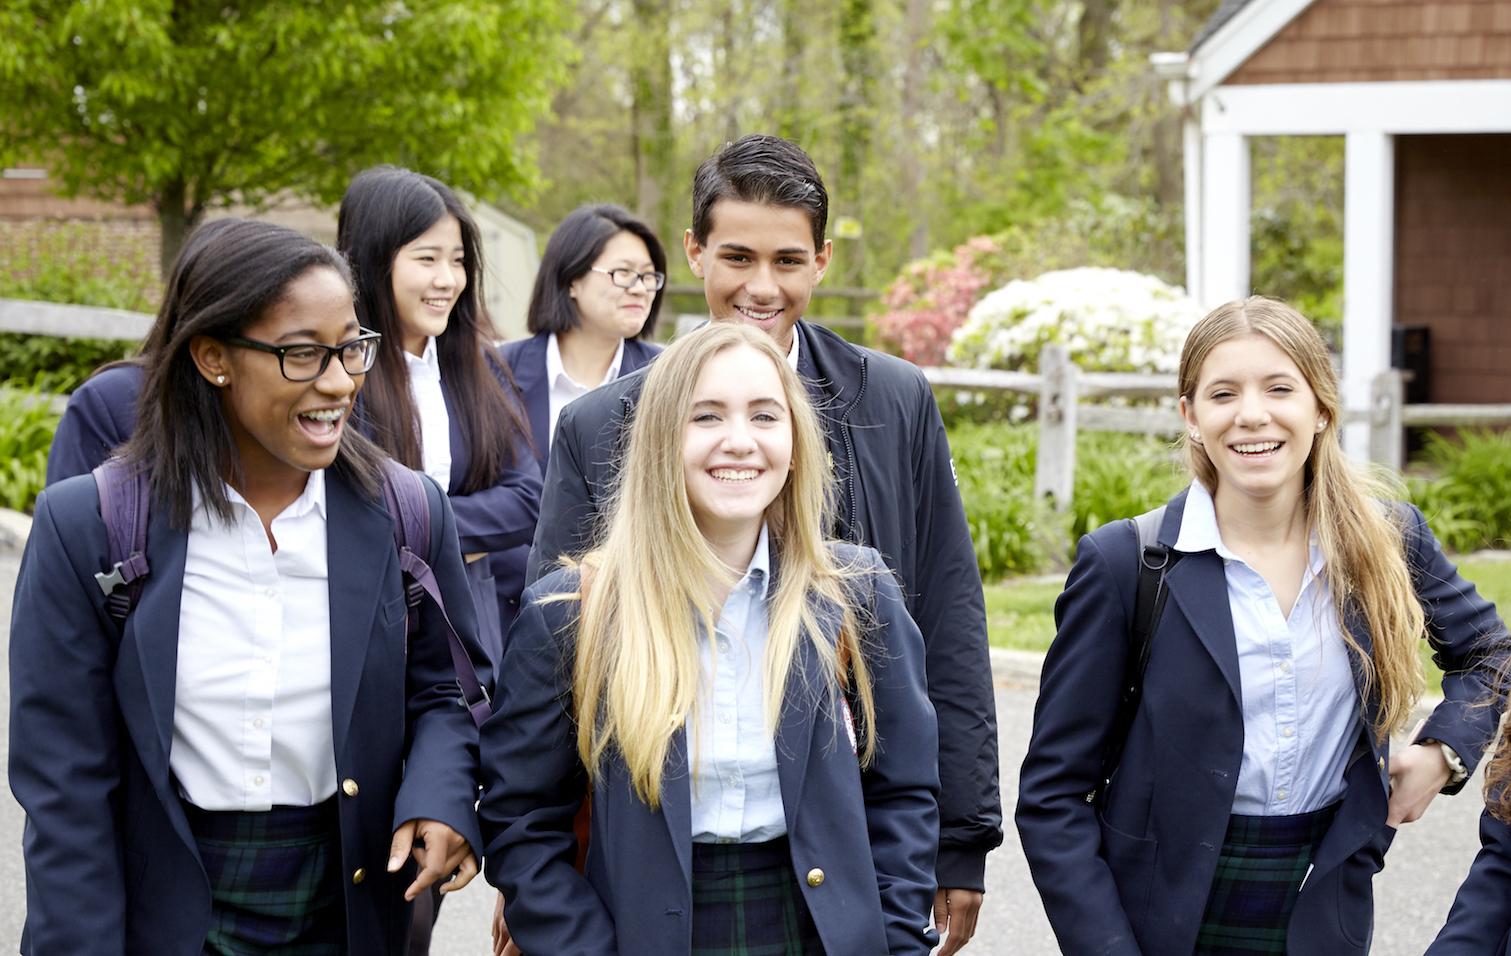 โรงเรียนเอกชนแบบมีหอพักในตัวในอเมริกา